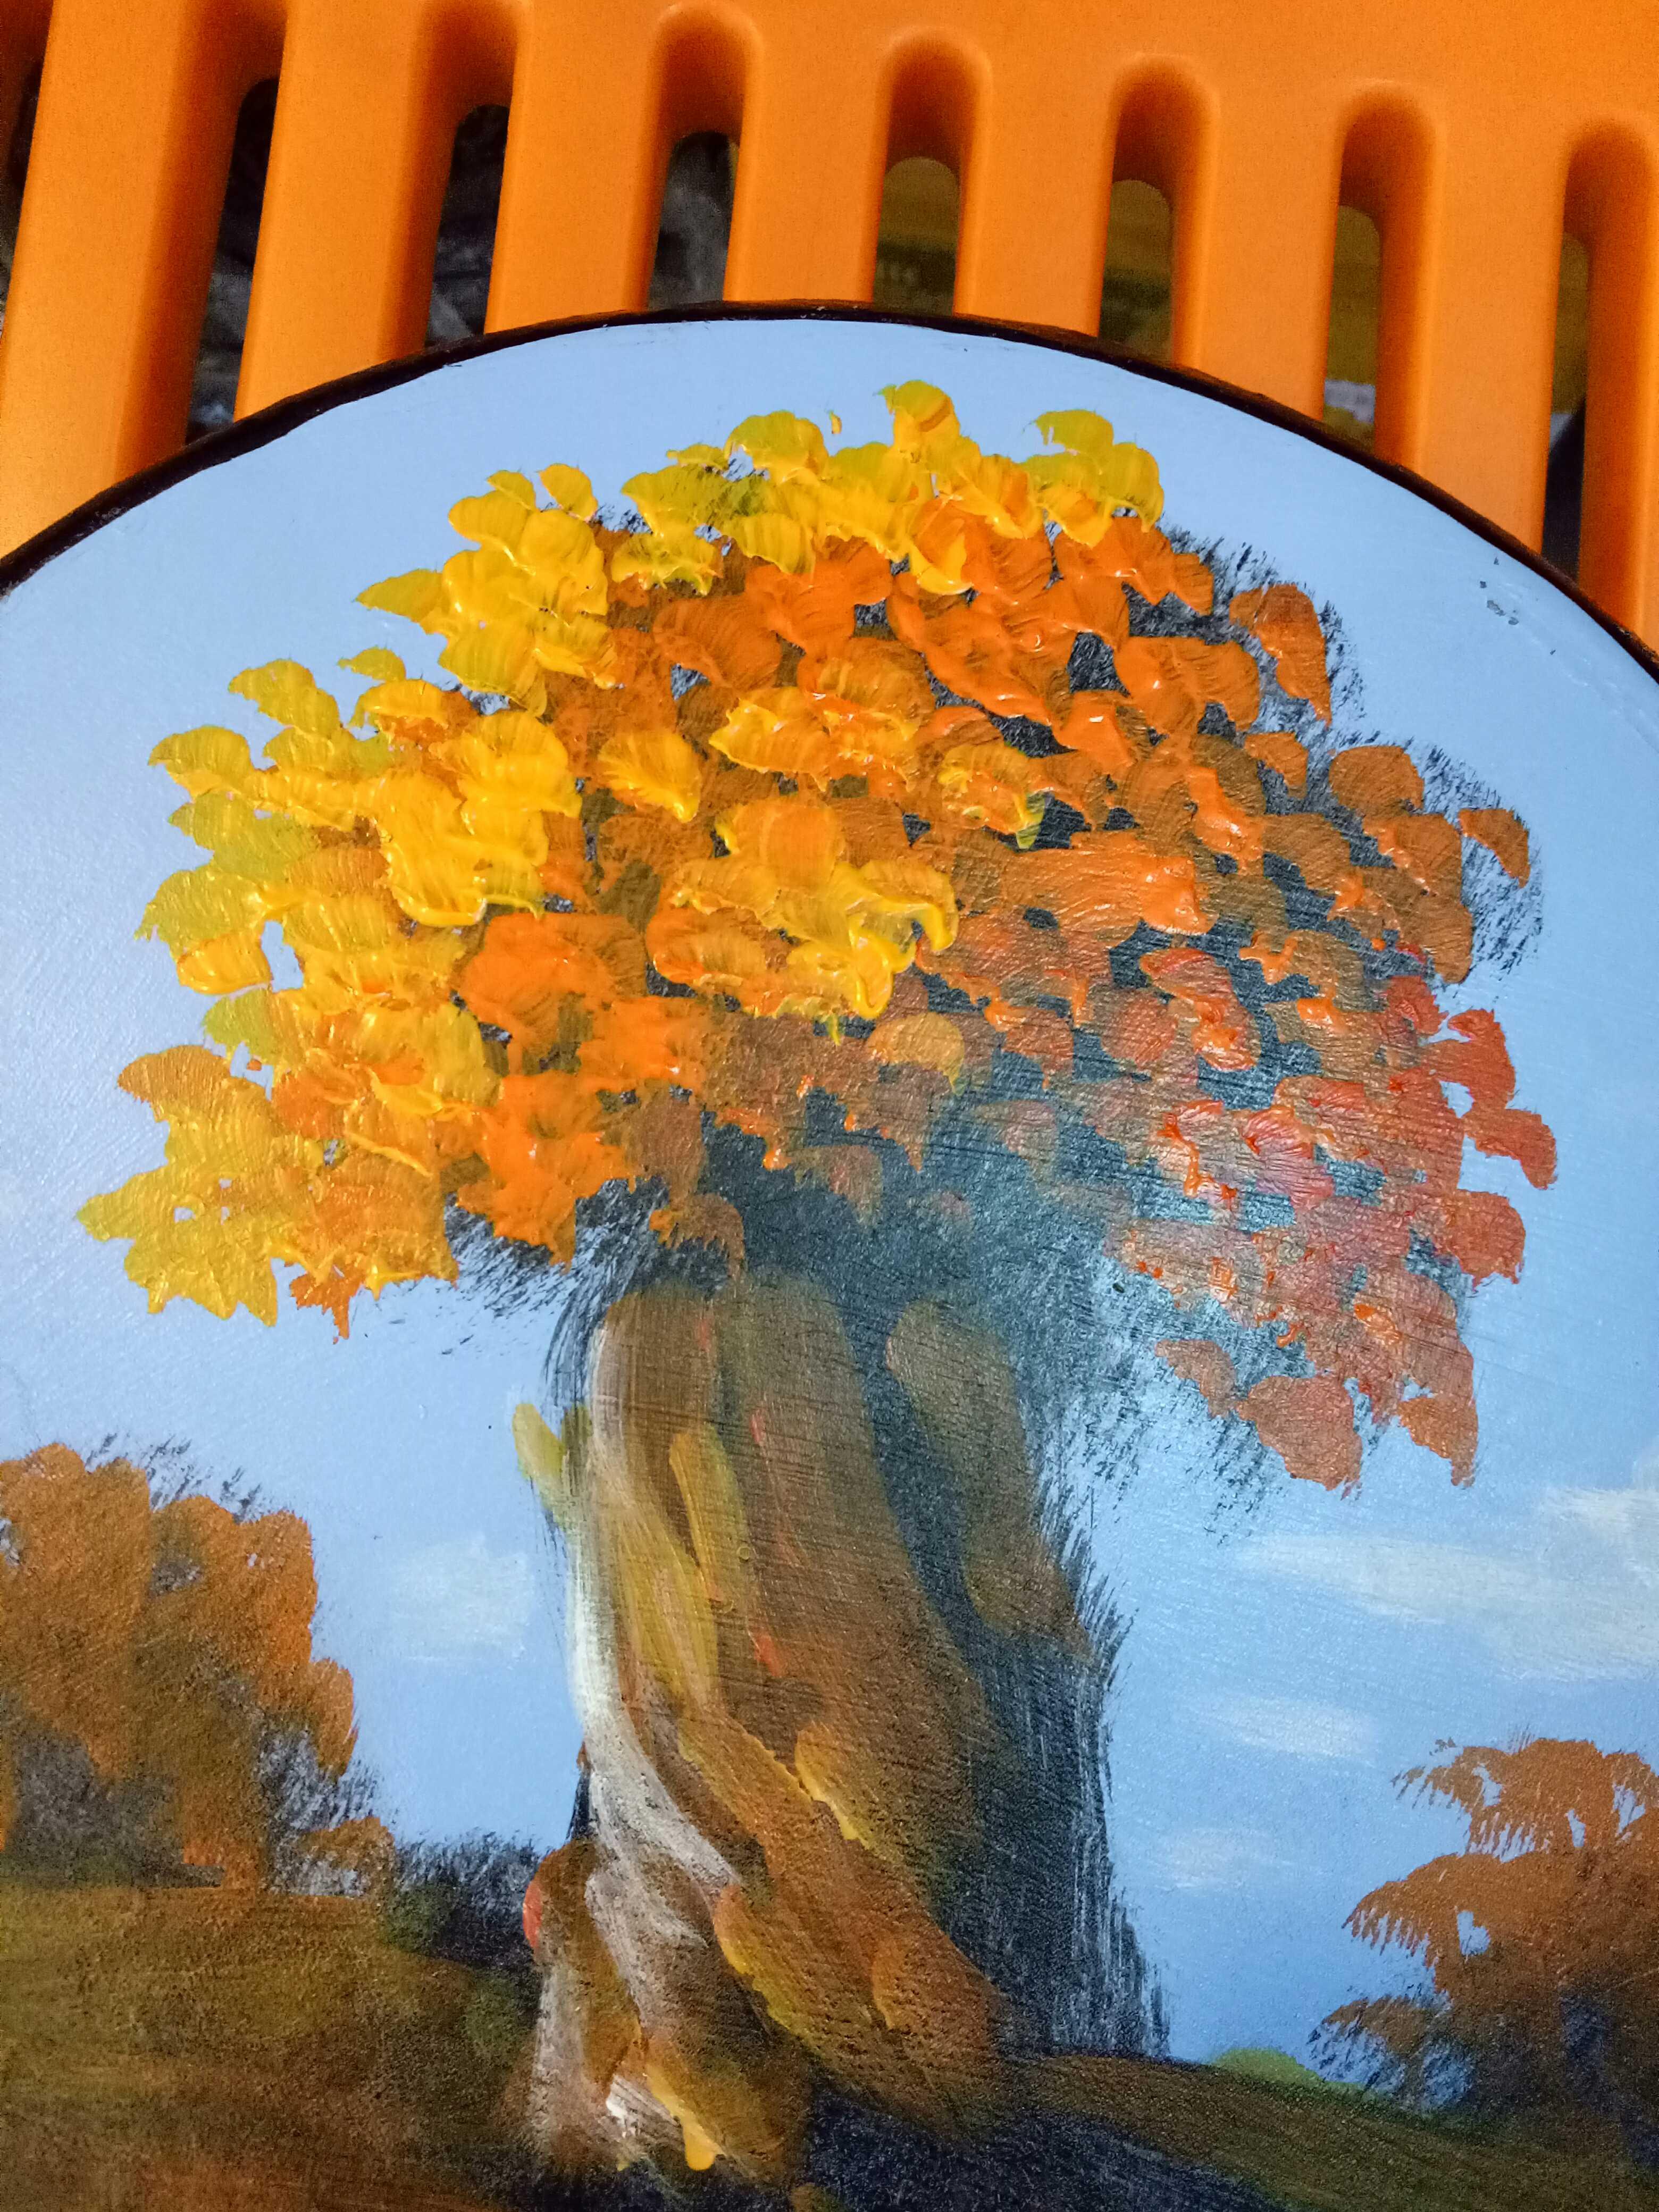 新疆手工彩繪胡楊林風景畫裝飾工藝品手鼓擺件西域特色禮品紀念品1入